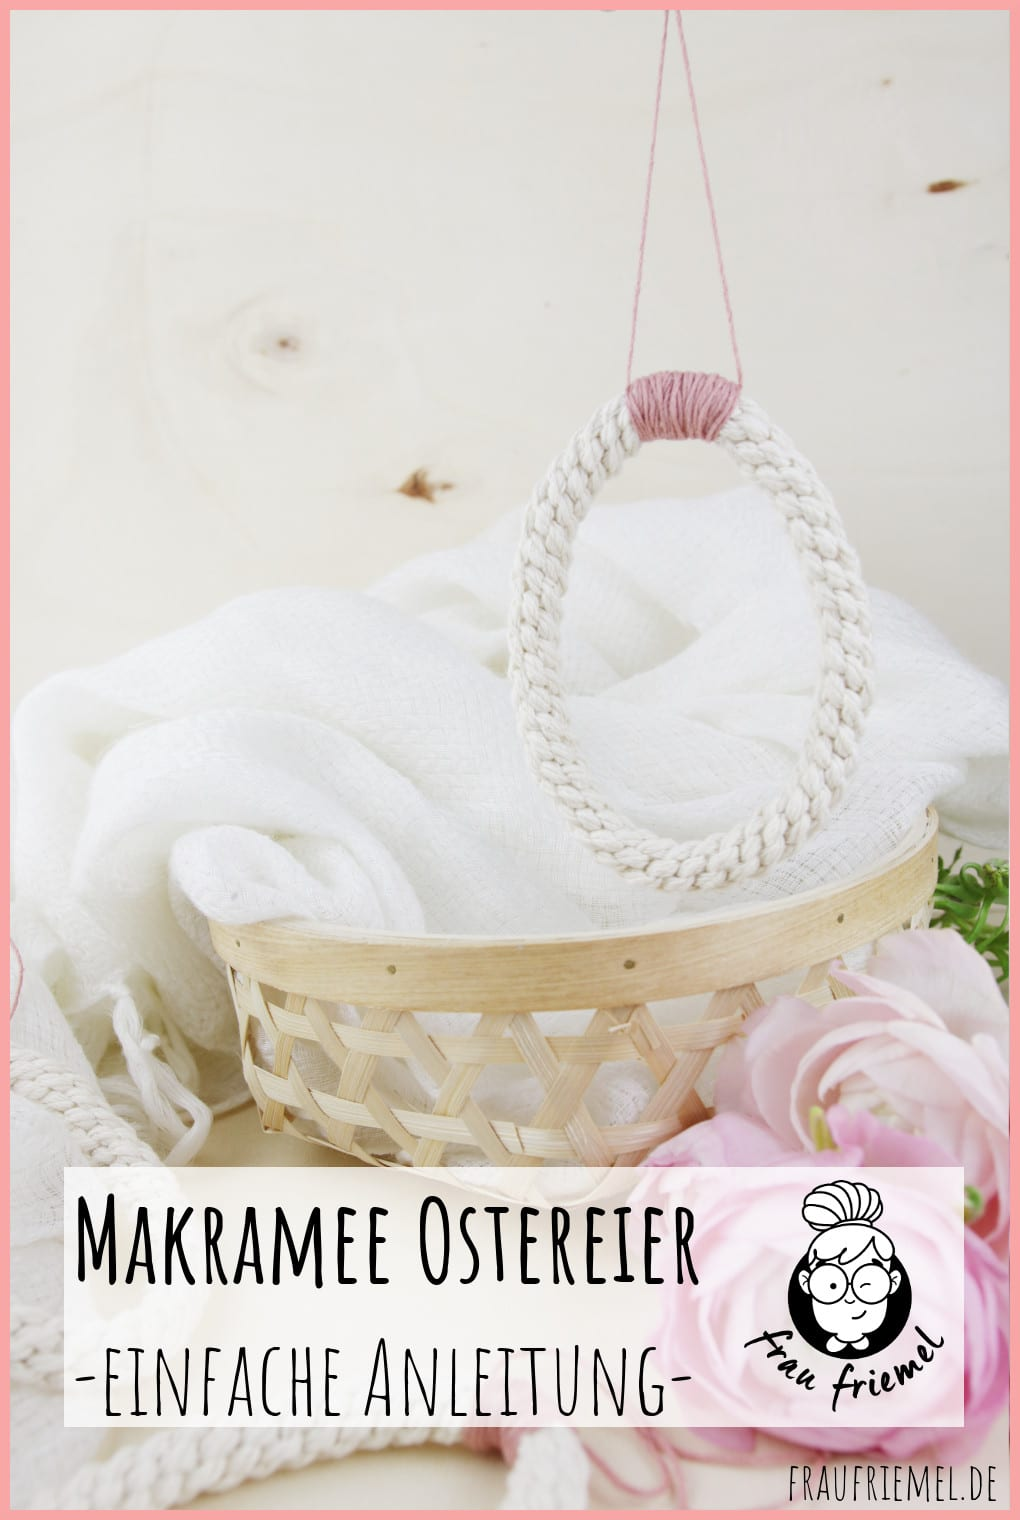 Ostereier basteln mit Makramee auf Pinterest merken